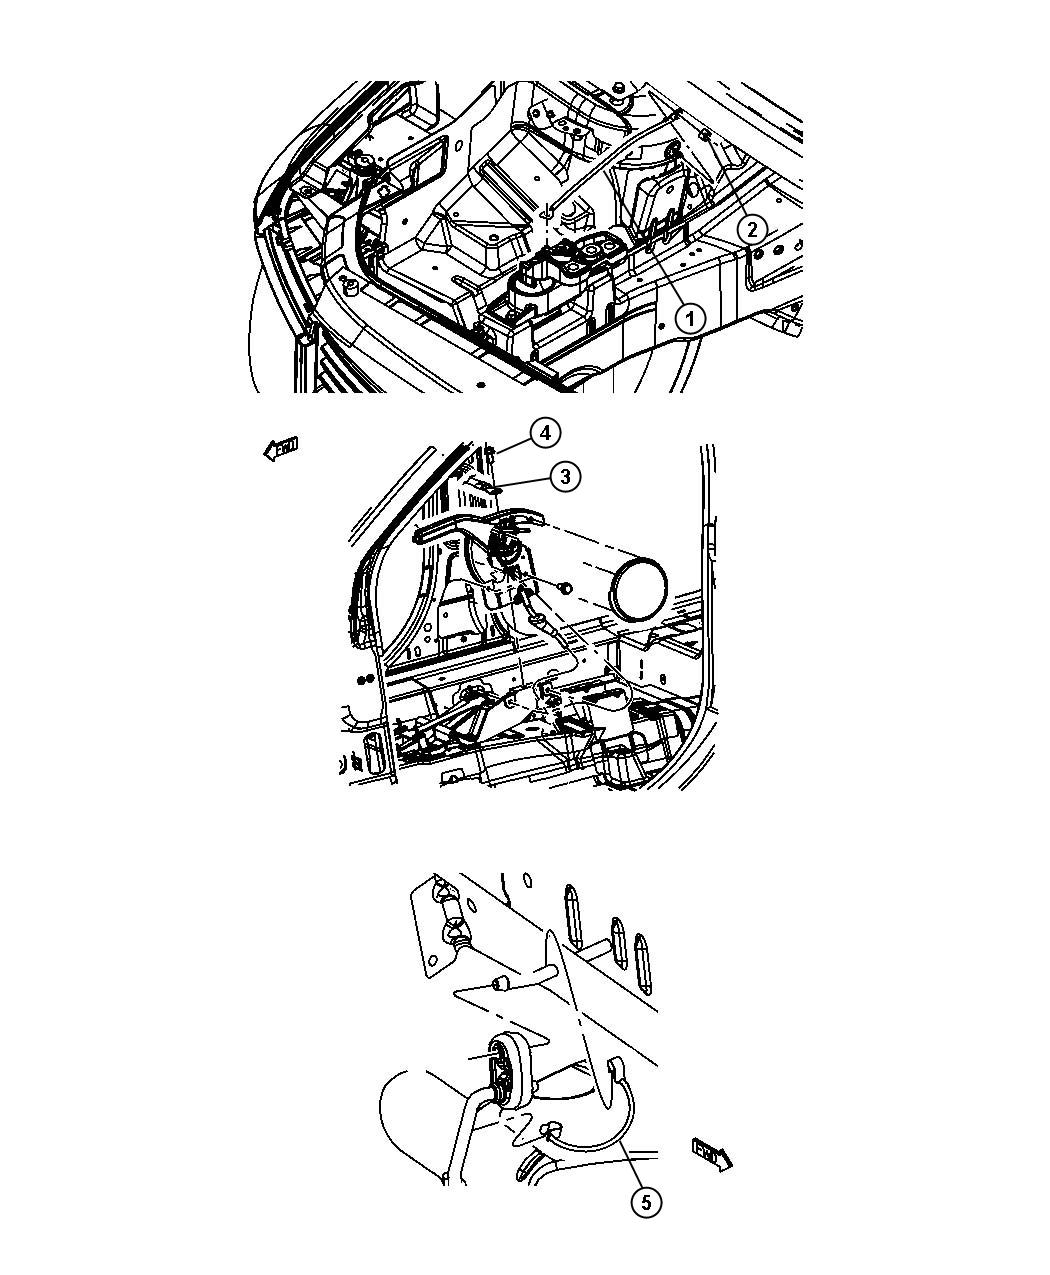 Dodge Journey Strap. Ground. Ebgine to shock tower, engine